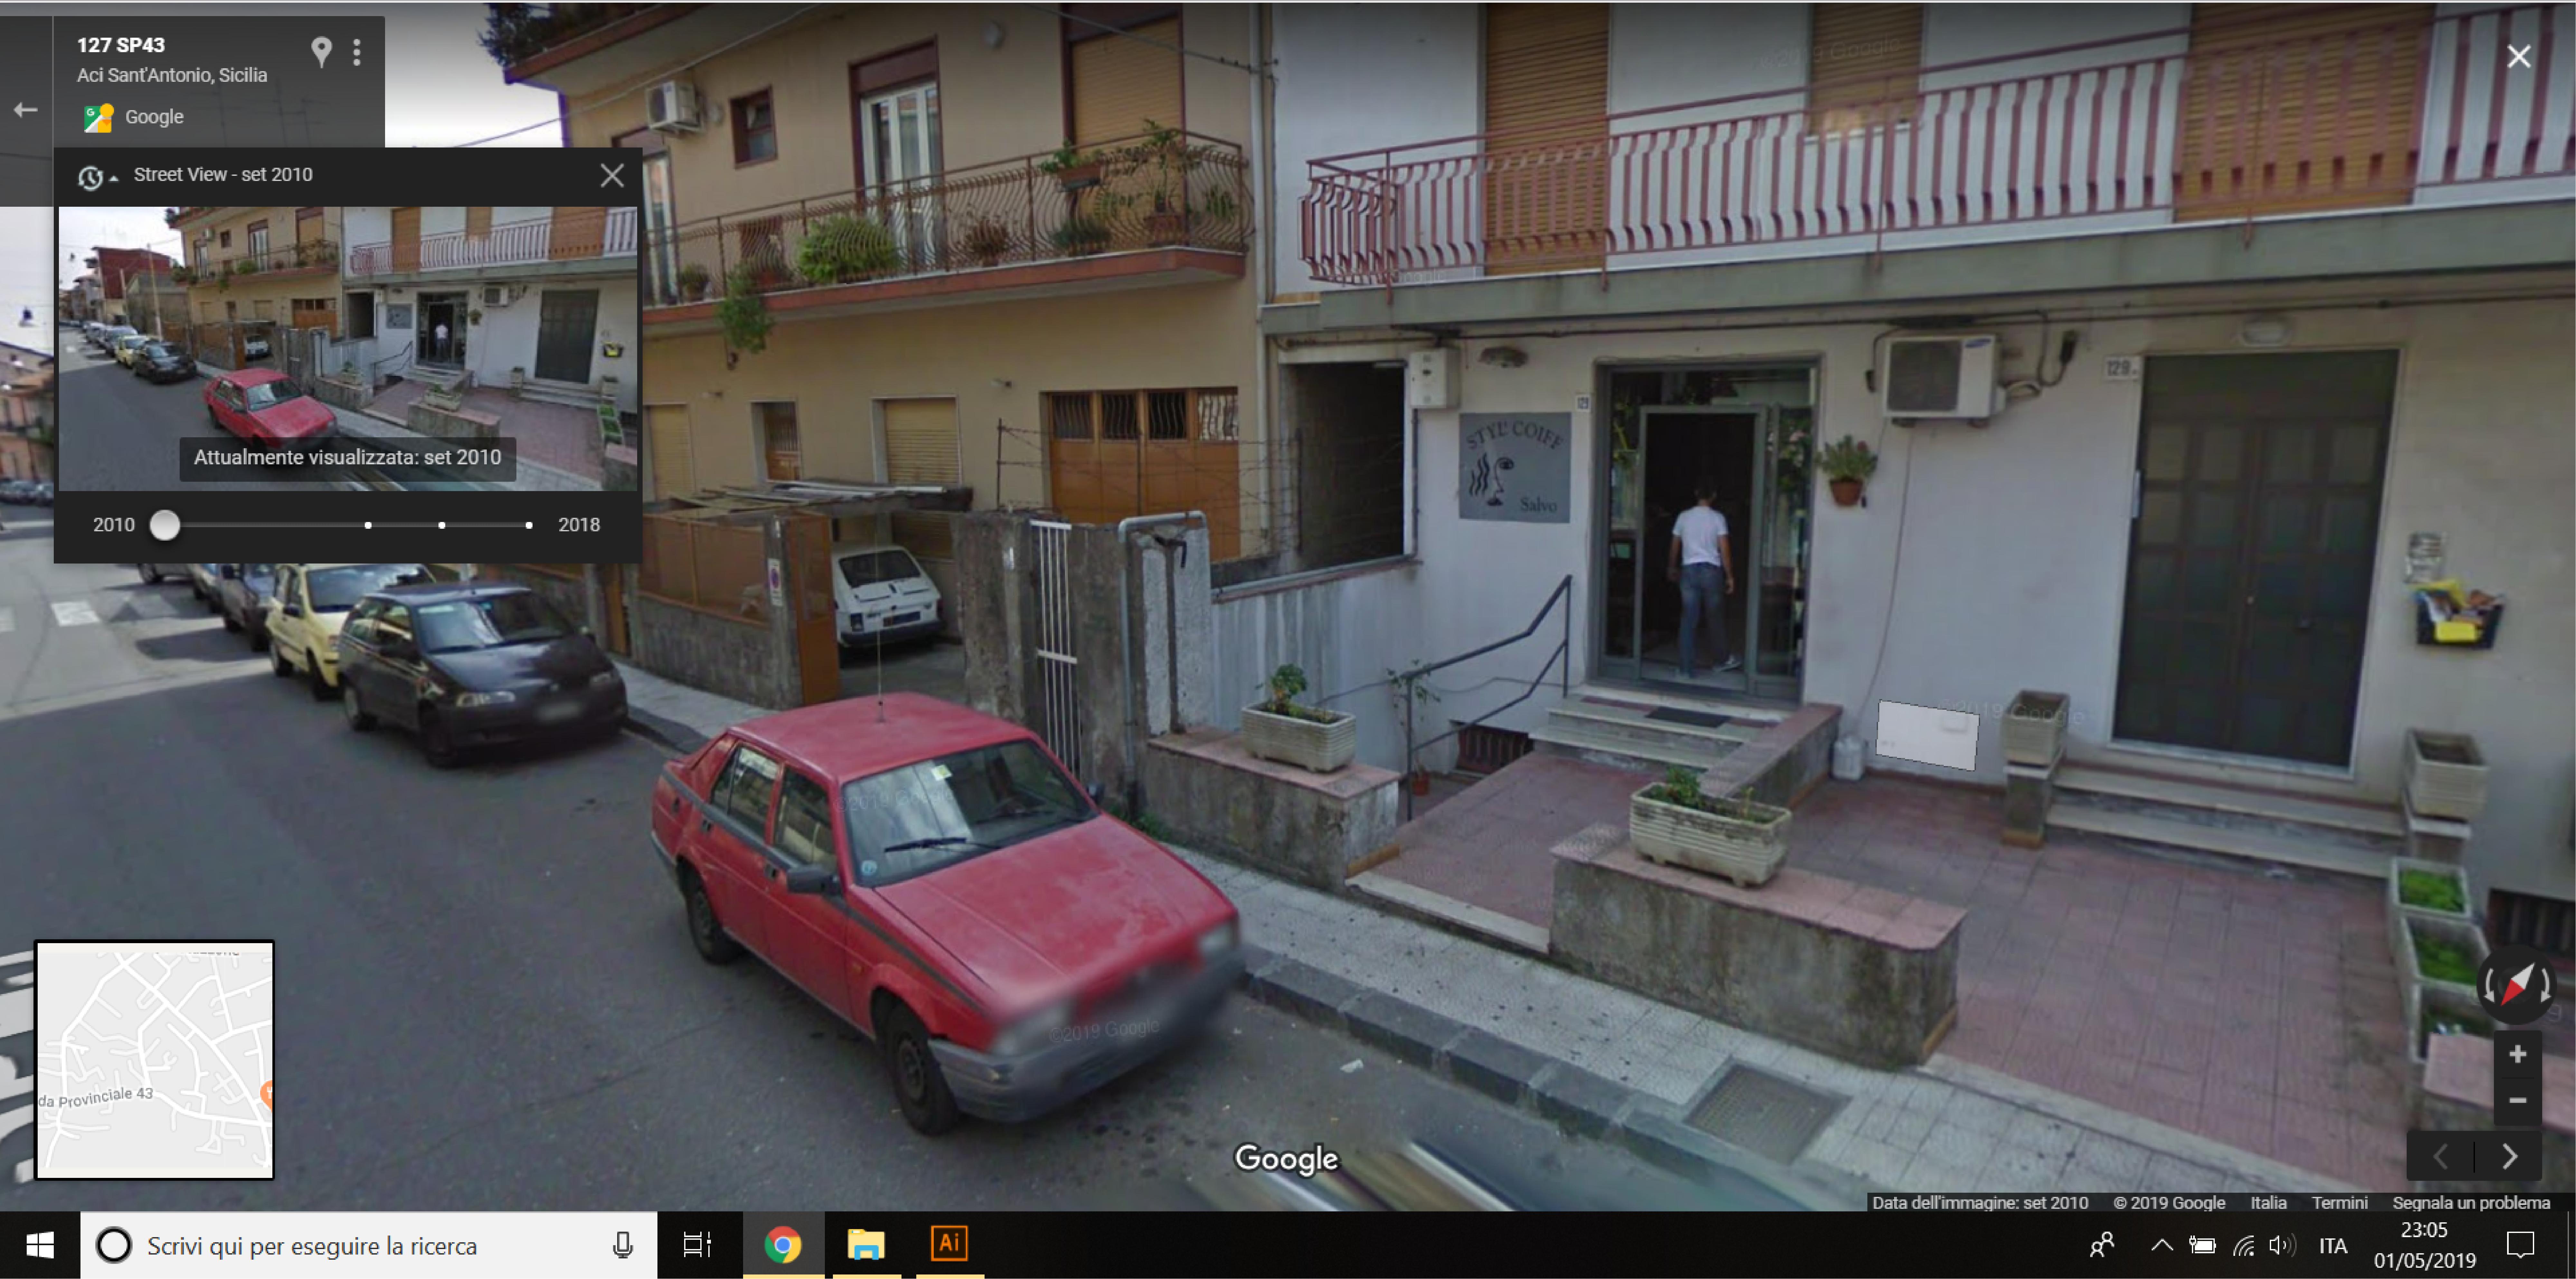 Auto  storiche da Google Maps - Pagina 10 Aci-Sant-Antonio-SP43-01